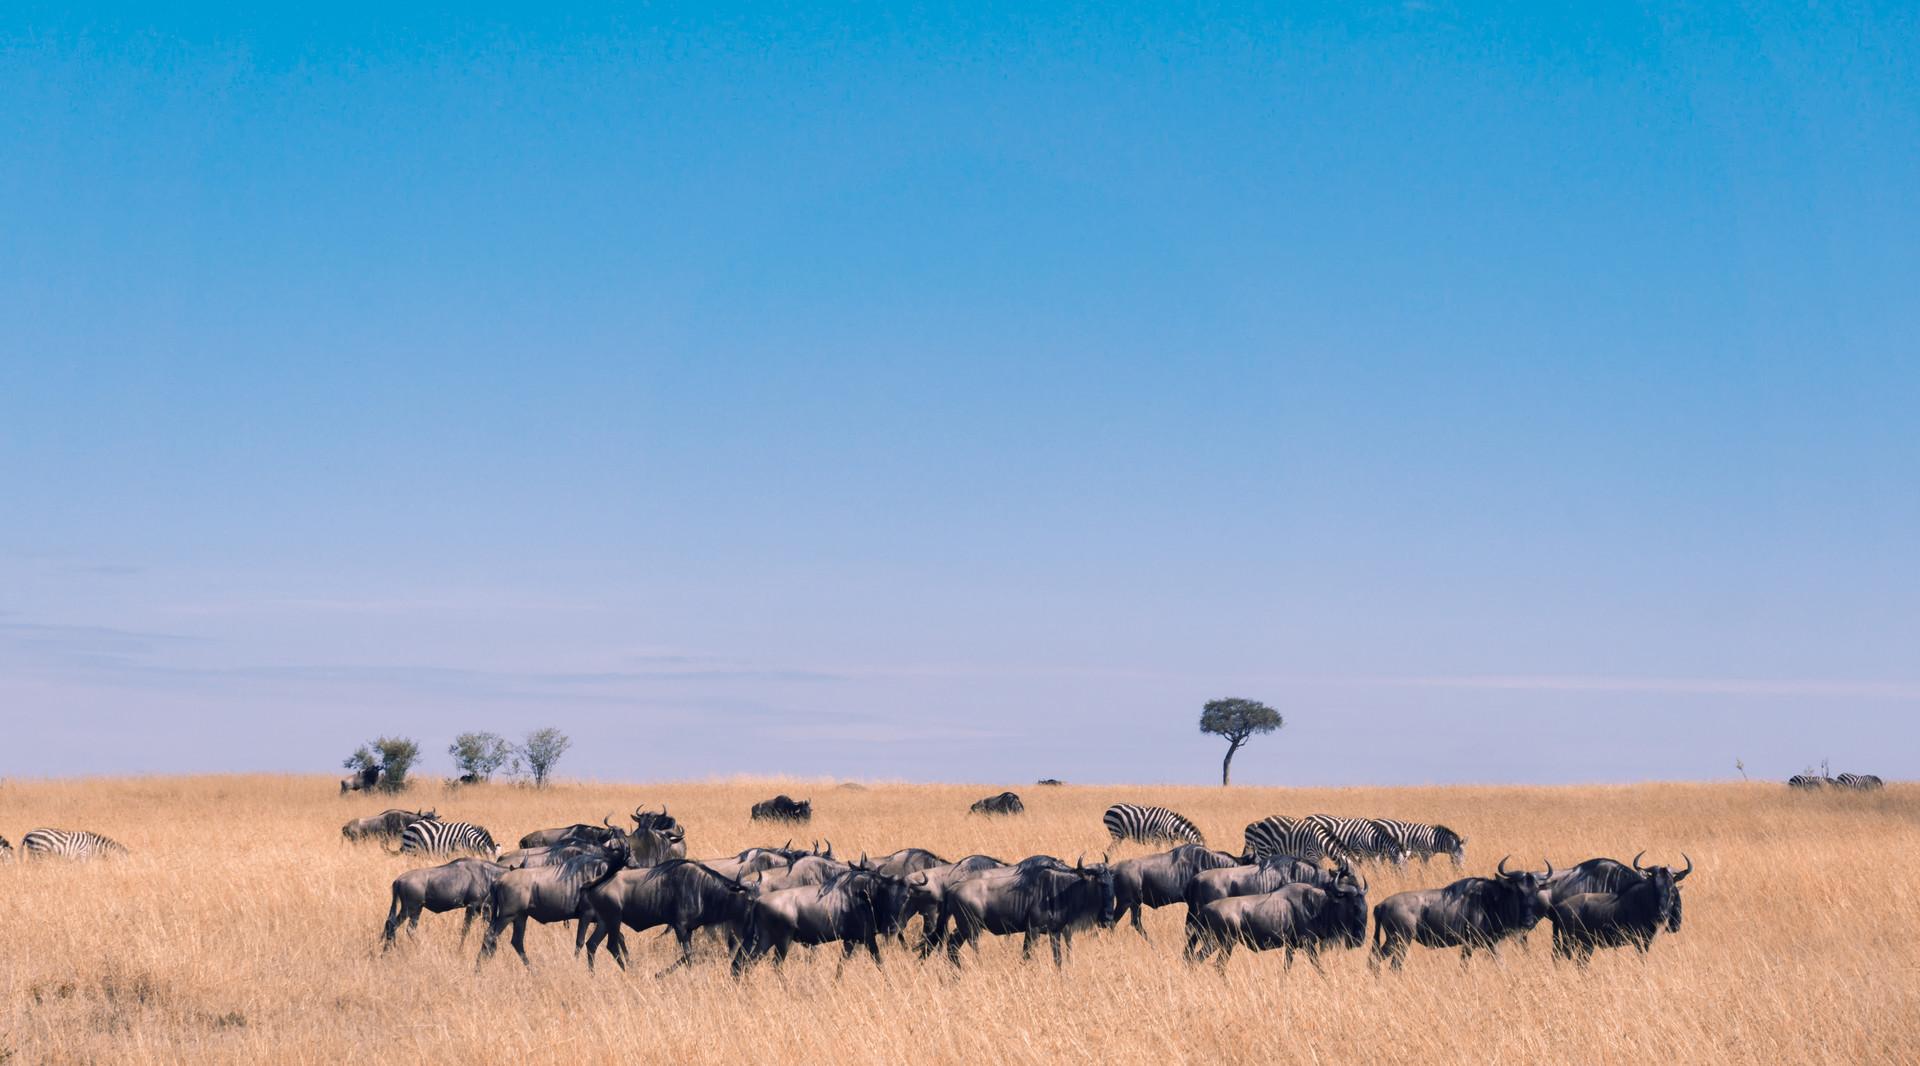 【精品小团】<肯尼亚狂野7天游>广州往返直飞 追寻野生动物踪迹